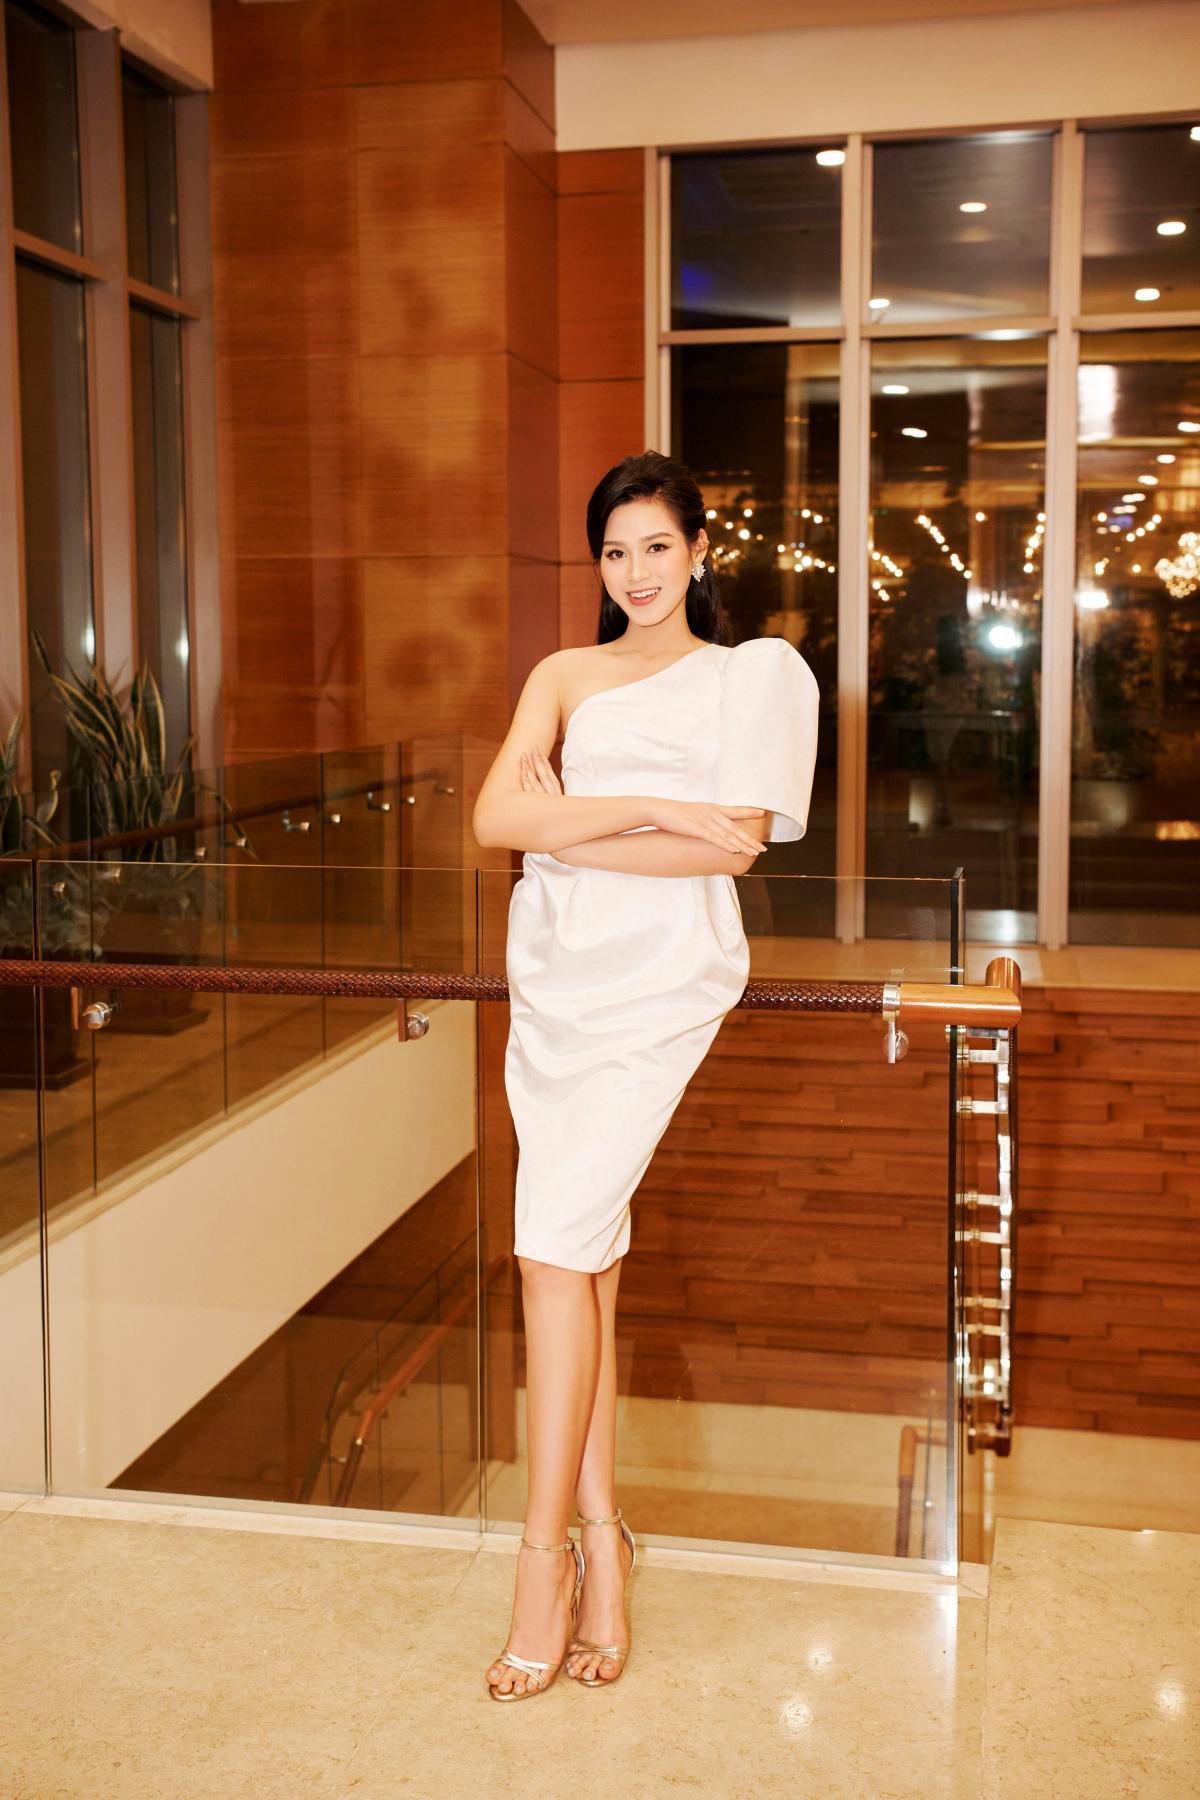 Hoa hậu Việt Nam 2020 gây thiện cảm với nụ cười tươi sáng thường trực cùng nhan sắc tuổi đôi mươi thăng hạng rực rỡ.